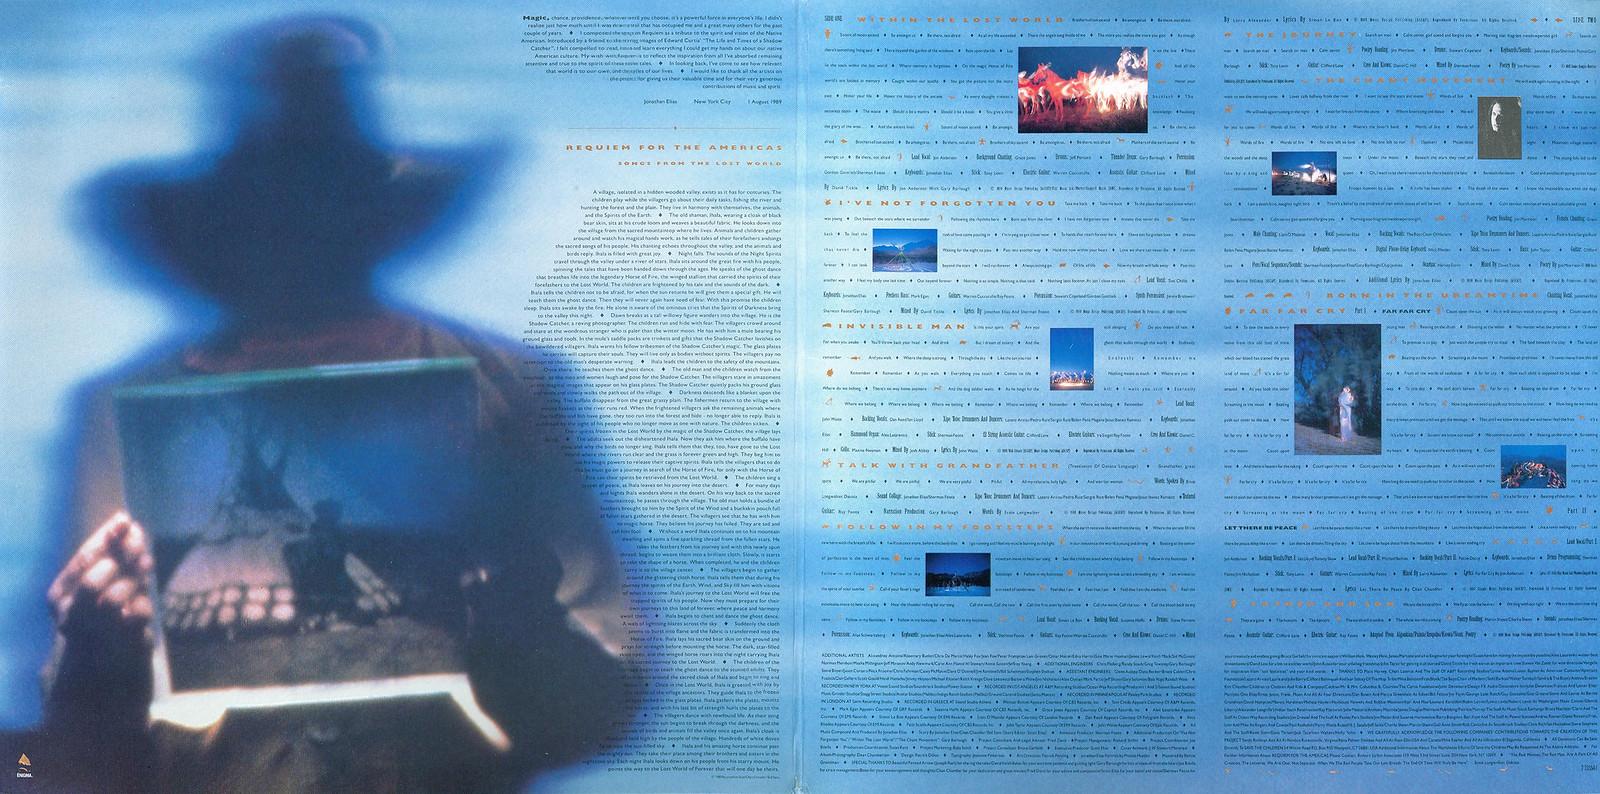 Jonathan Elias - Requiem for The Americas